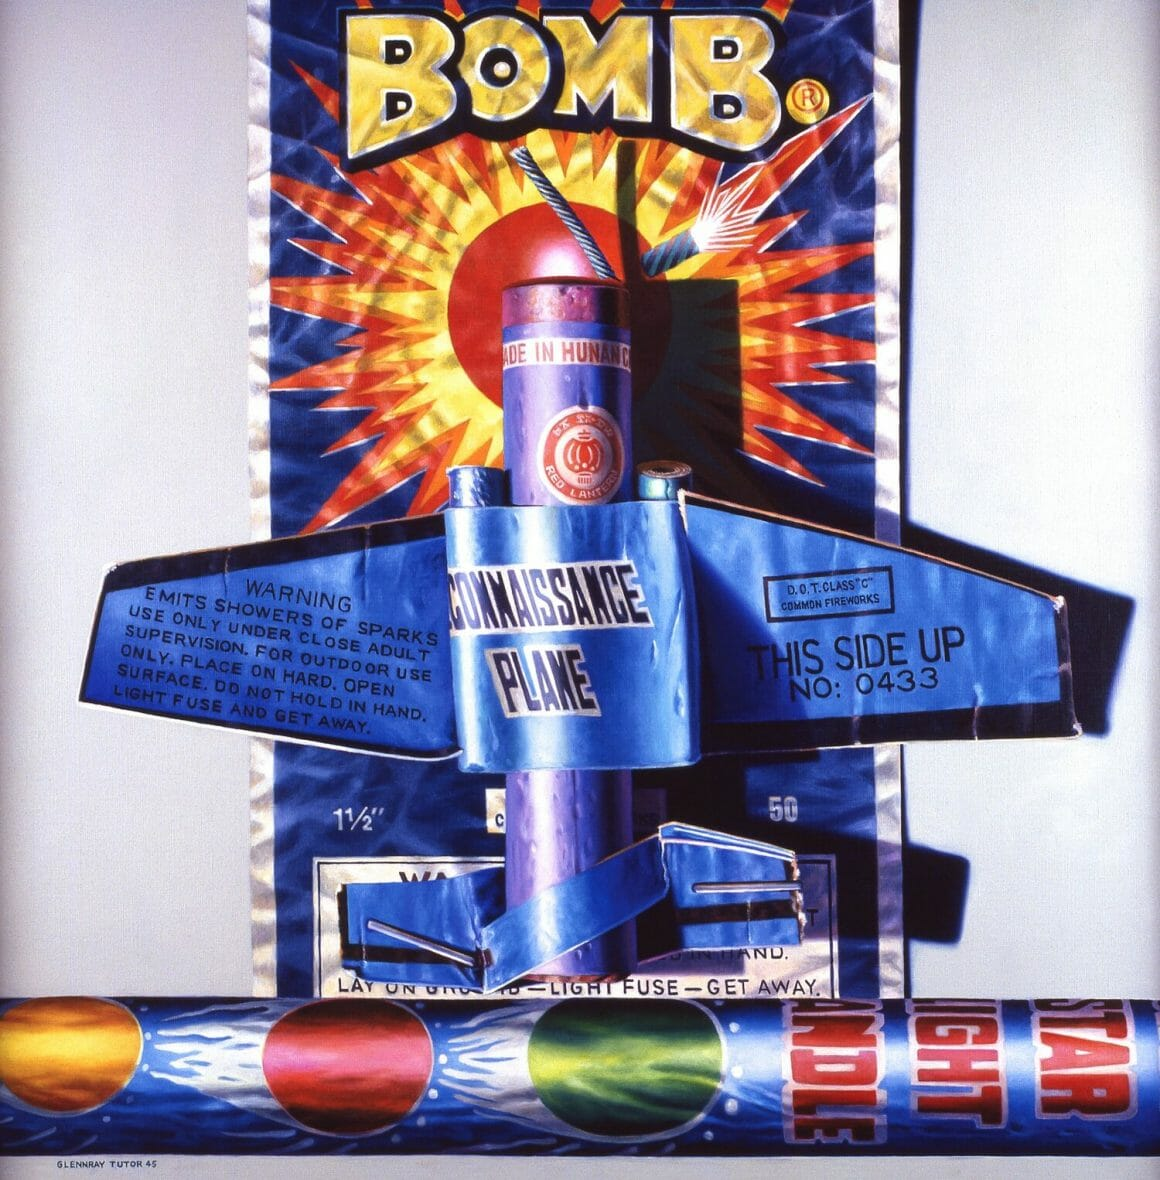 """Bomb - petit feu d'artifice en forme d'avion avec écrit """"BOMB"""" sur l'emballage"""